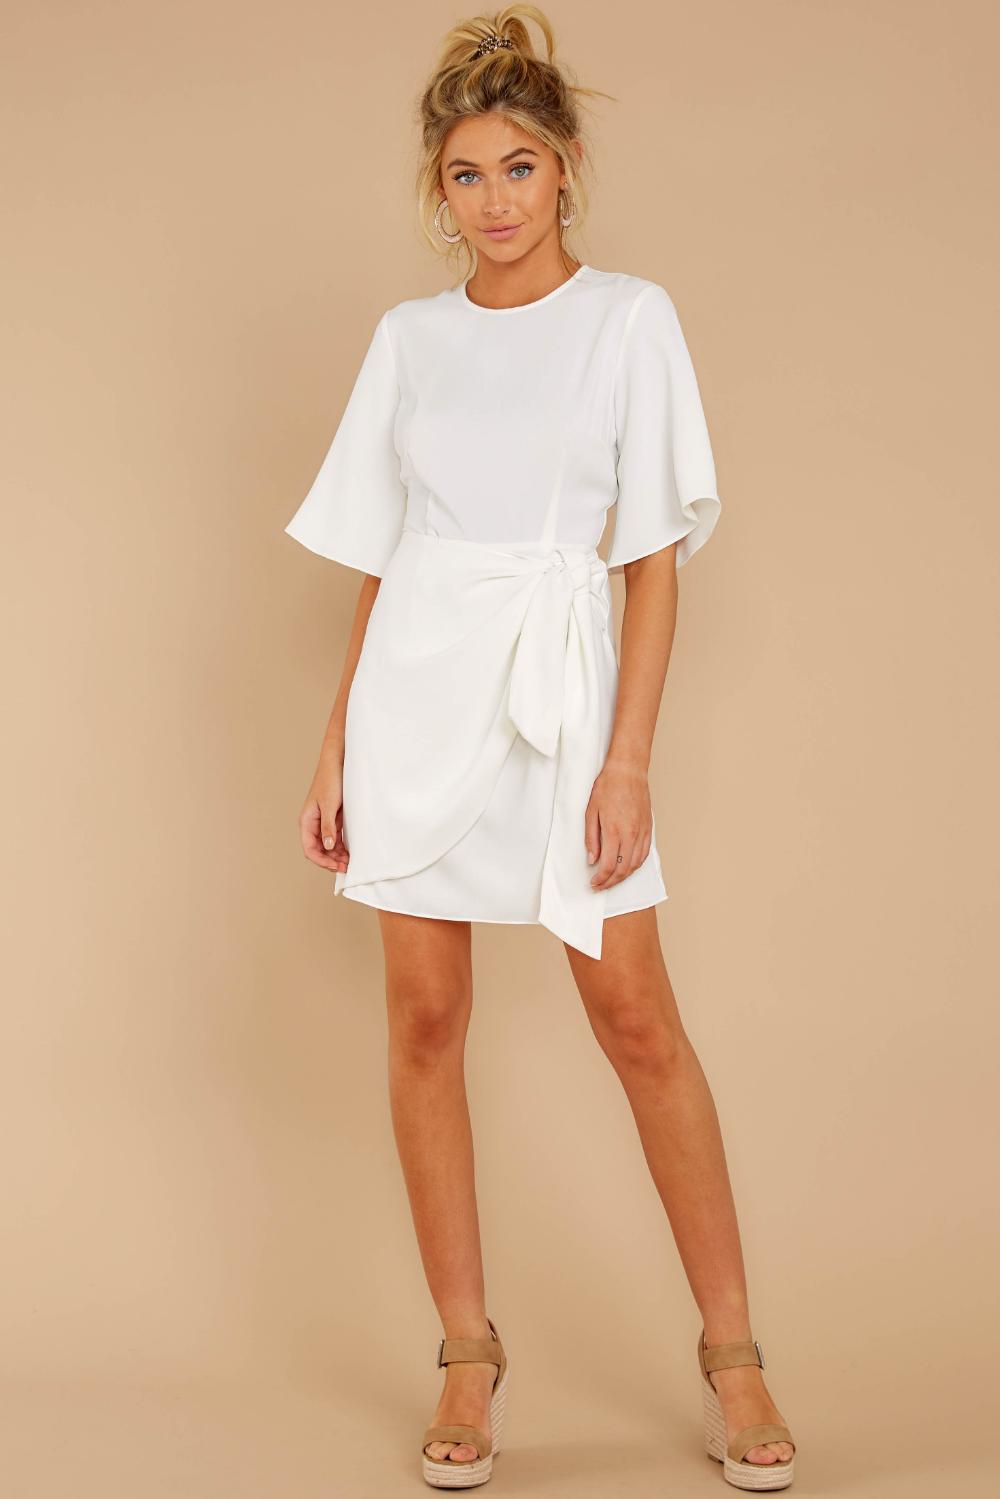 Cute White Short Sleeve Dress Short Faux Wrap Dress Dress 48 00 Red Dress Red Dress Women White Short Sleeve Dress Cozy Sweater Dress [ 1499 x 1000 Pixel ]